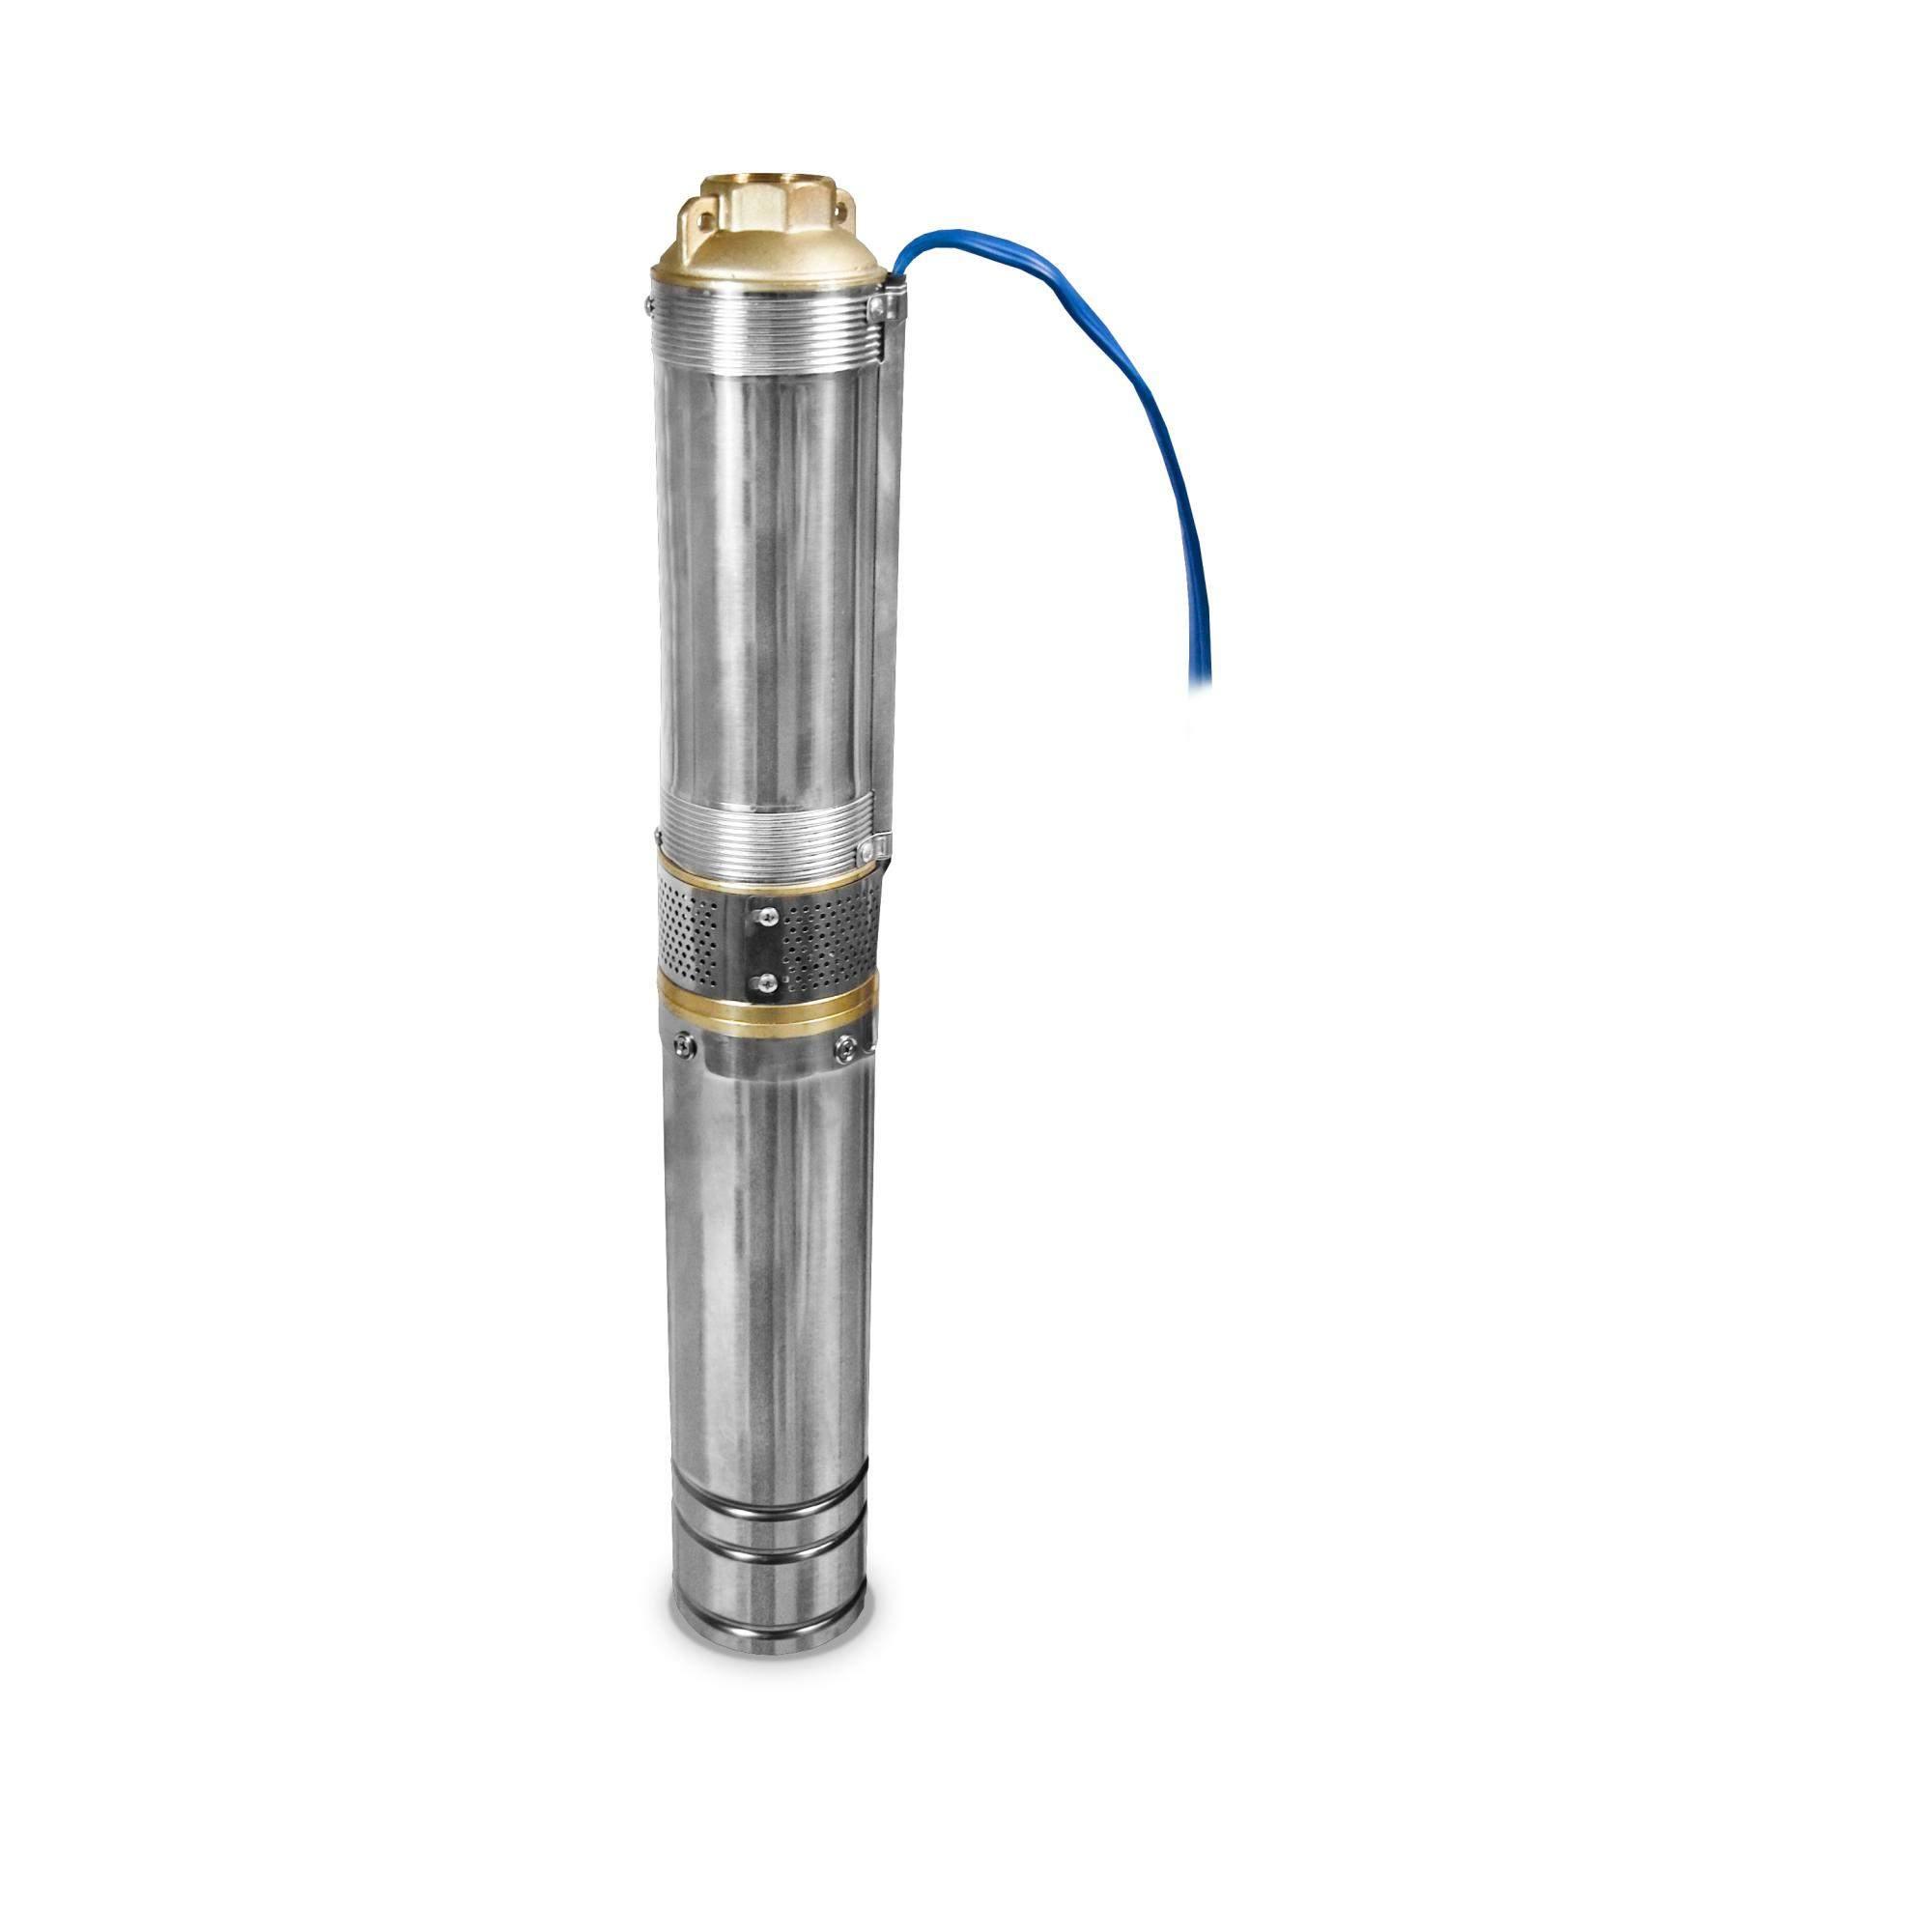 garten pumpe frisch berlan tiefbrunnenpumpe btbp100 4 1 1 9 4 bar max of garten pumpe